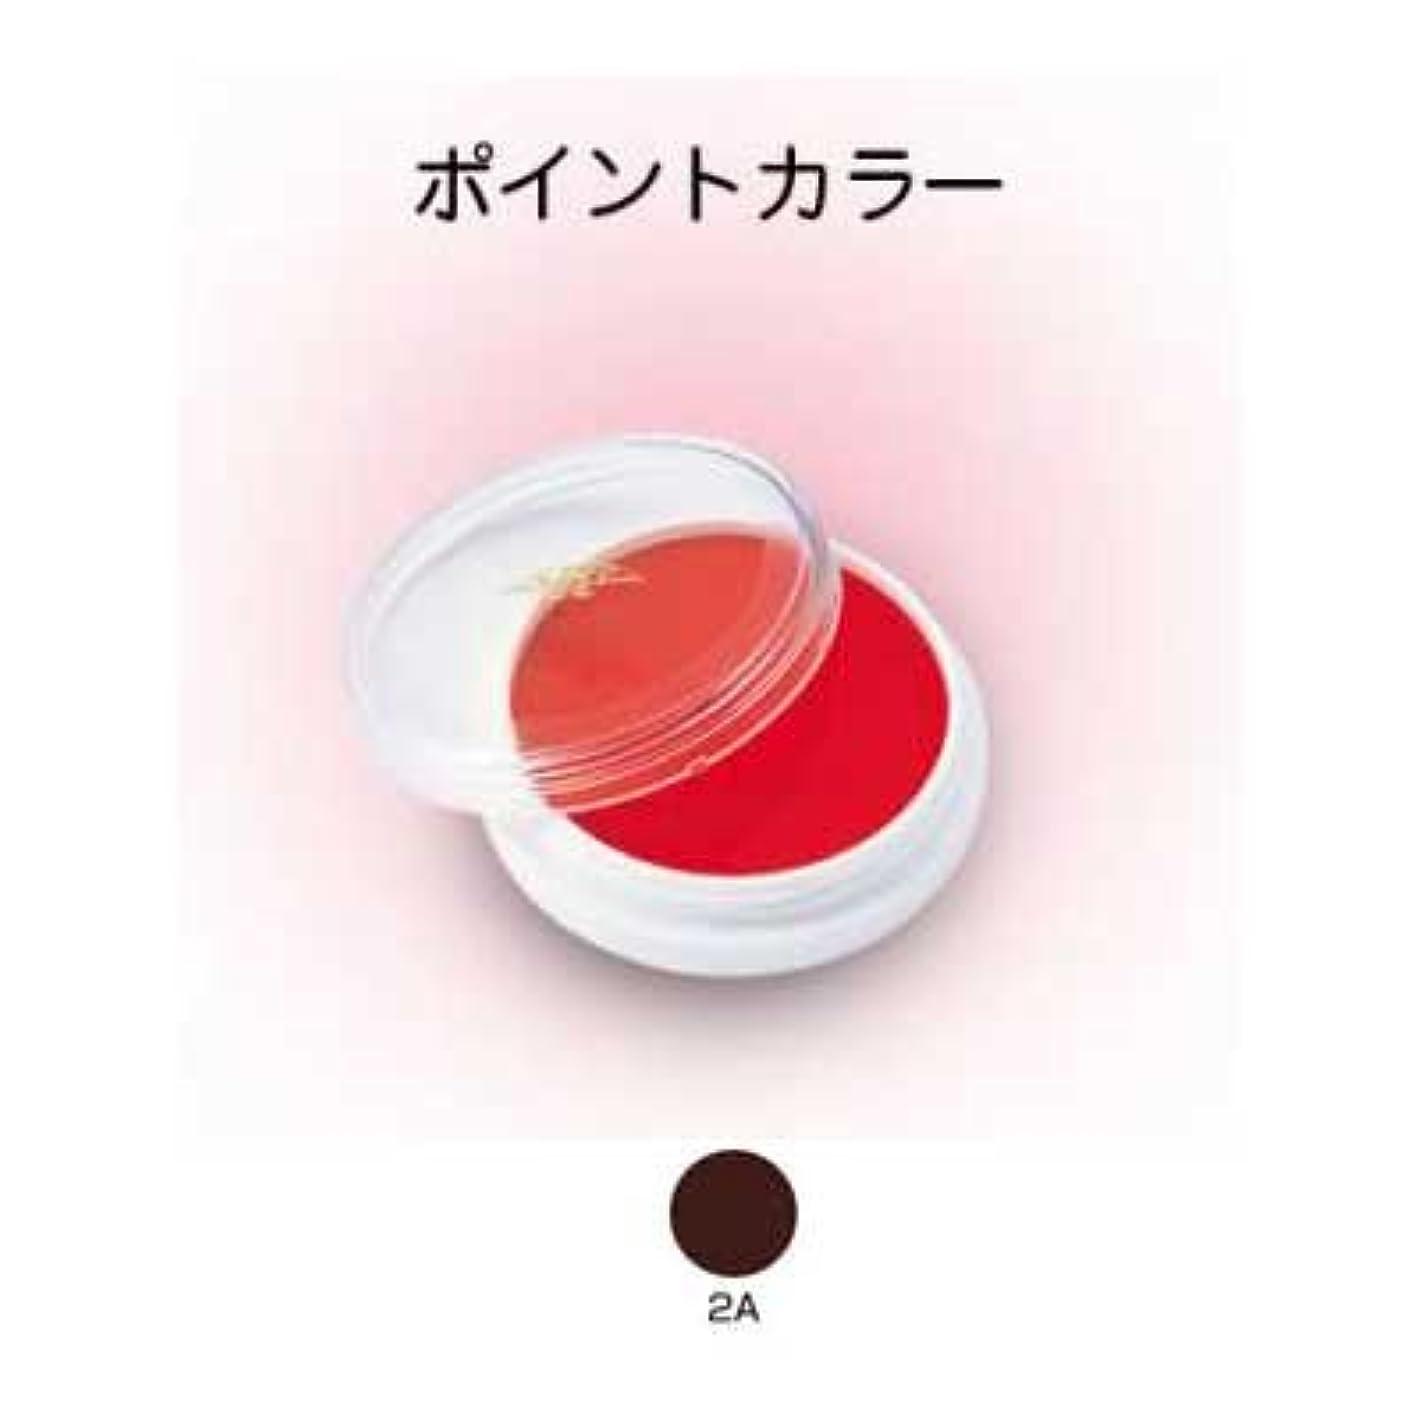 マオリバケット寓話ライニングカラー 4g 2A【三善】